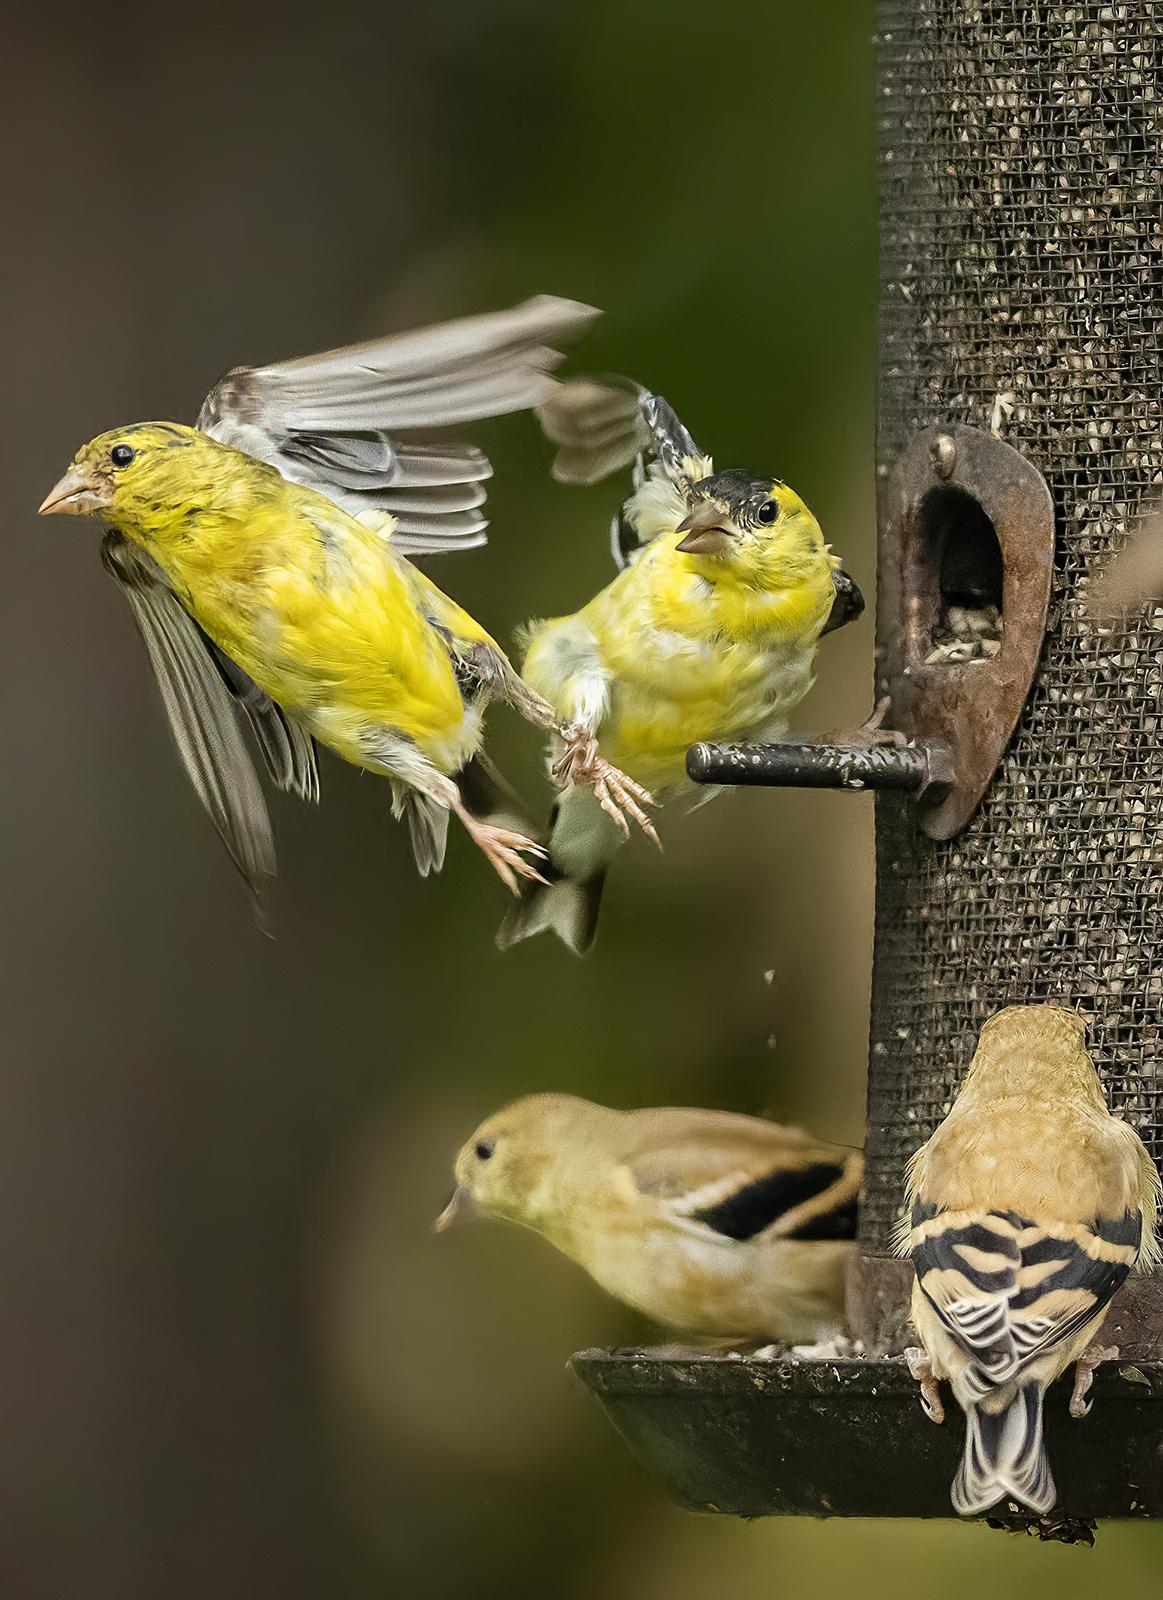 IMAGE: http://markfingar.com/photogallery/Birds/2020/AD4I9610_lr.jpg